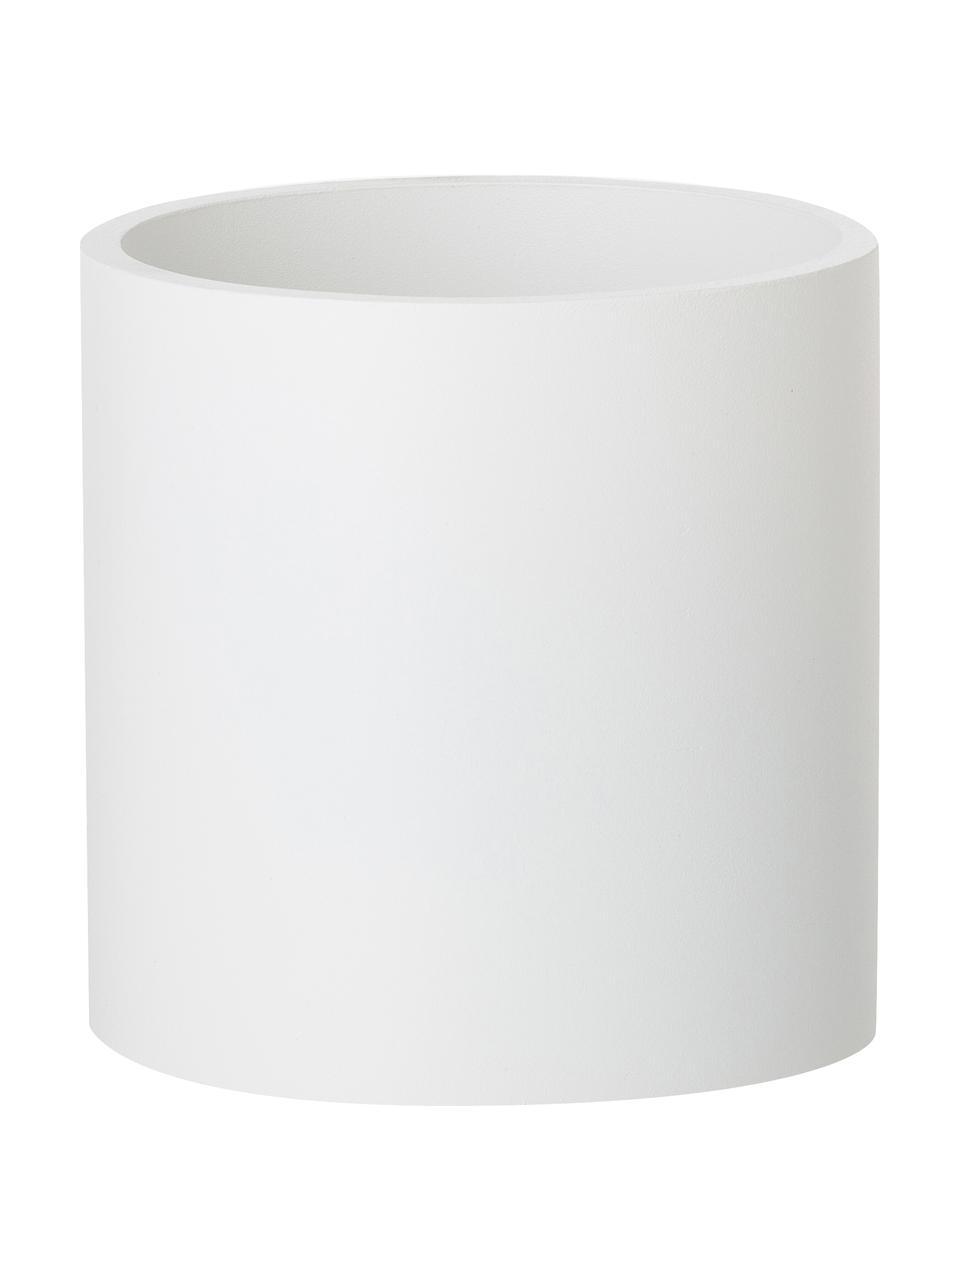 Wandleuchte Roda in Weiß, Lampenschirm: Aluminium, pulverbeschich, Weiß, 10 x 10 cm